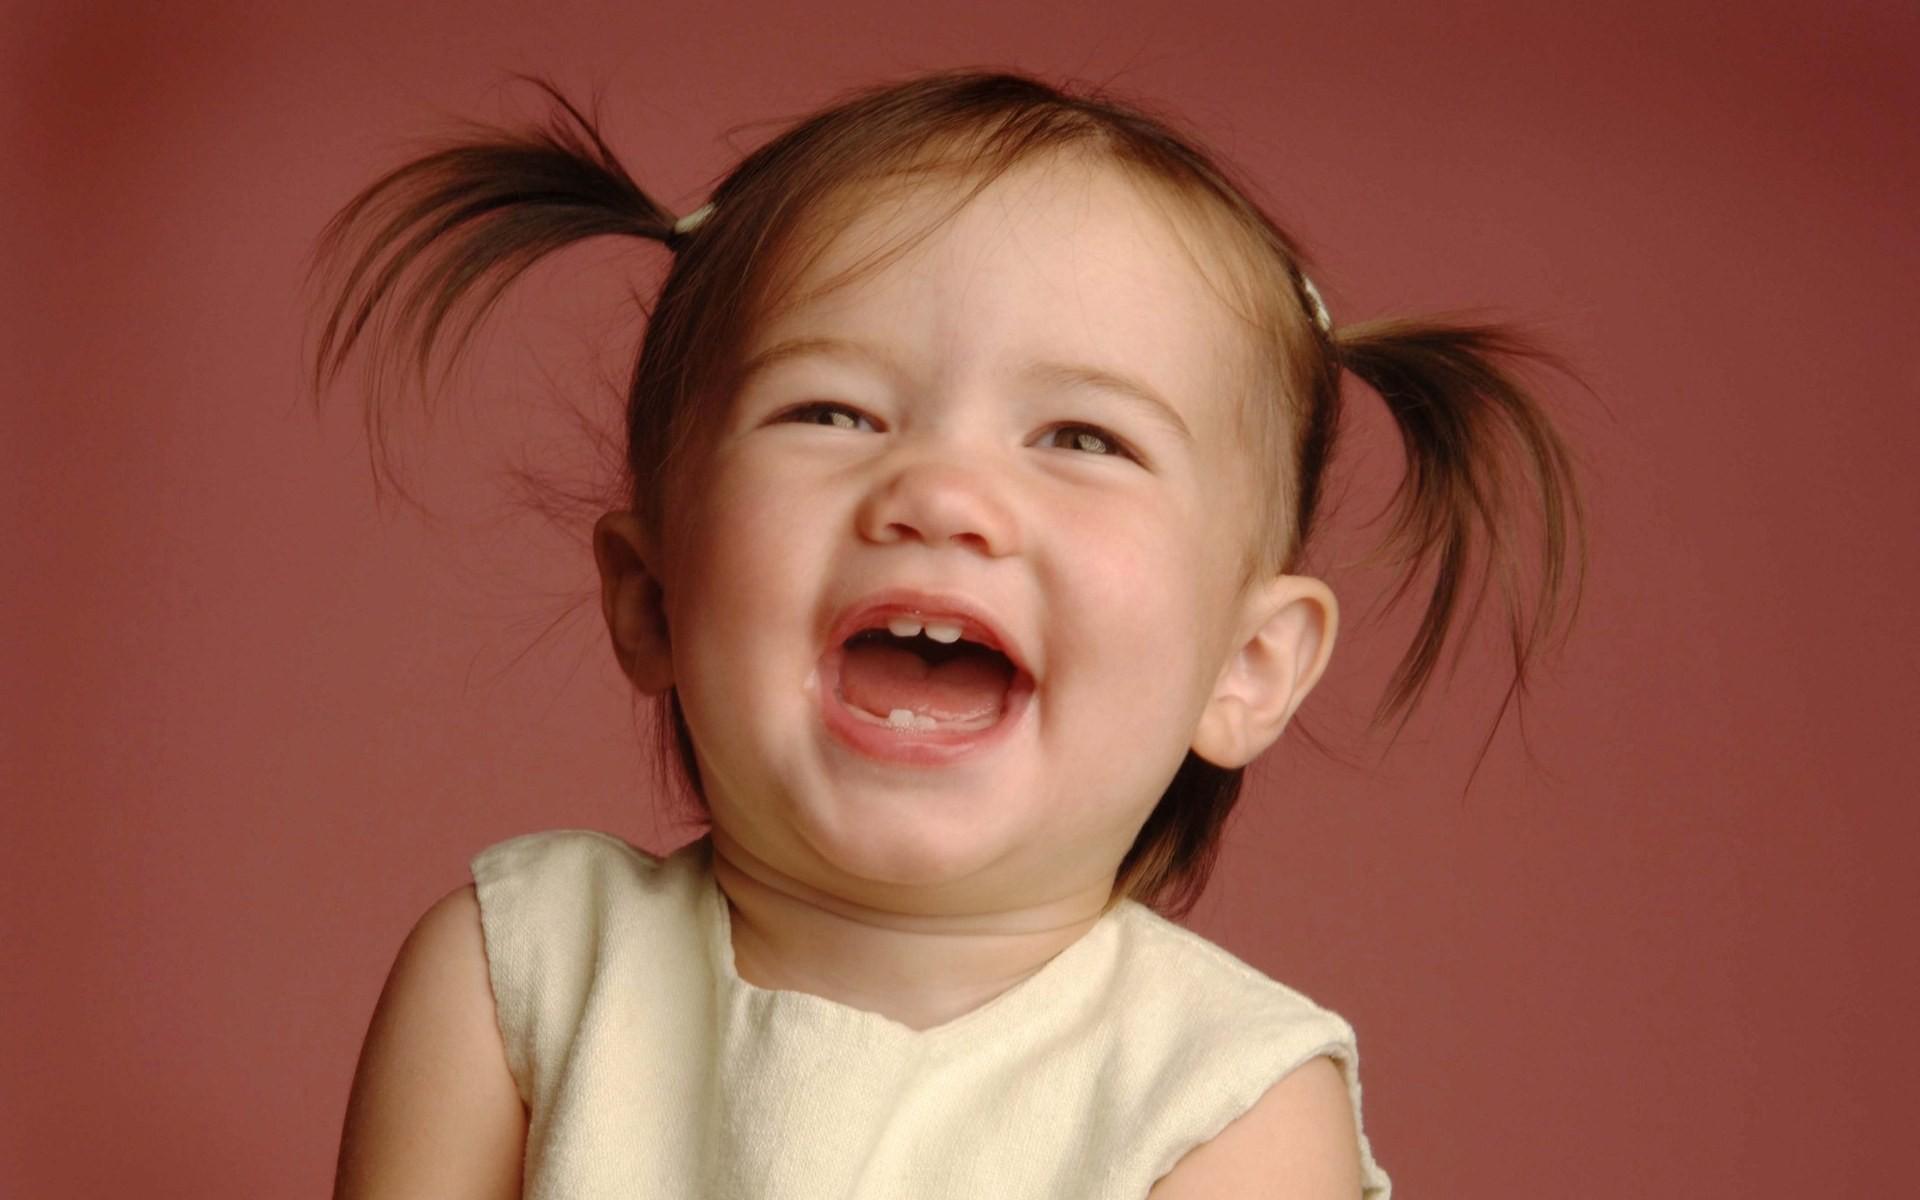 Страстные картинки, смешные картинки с девочкой которая улыбается